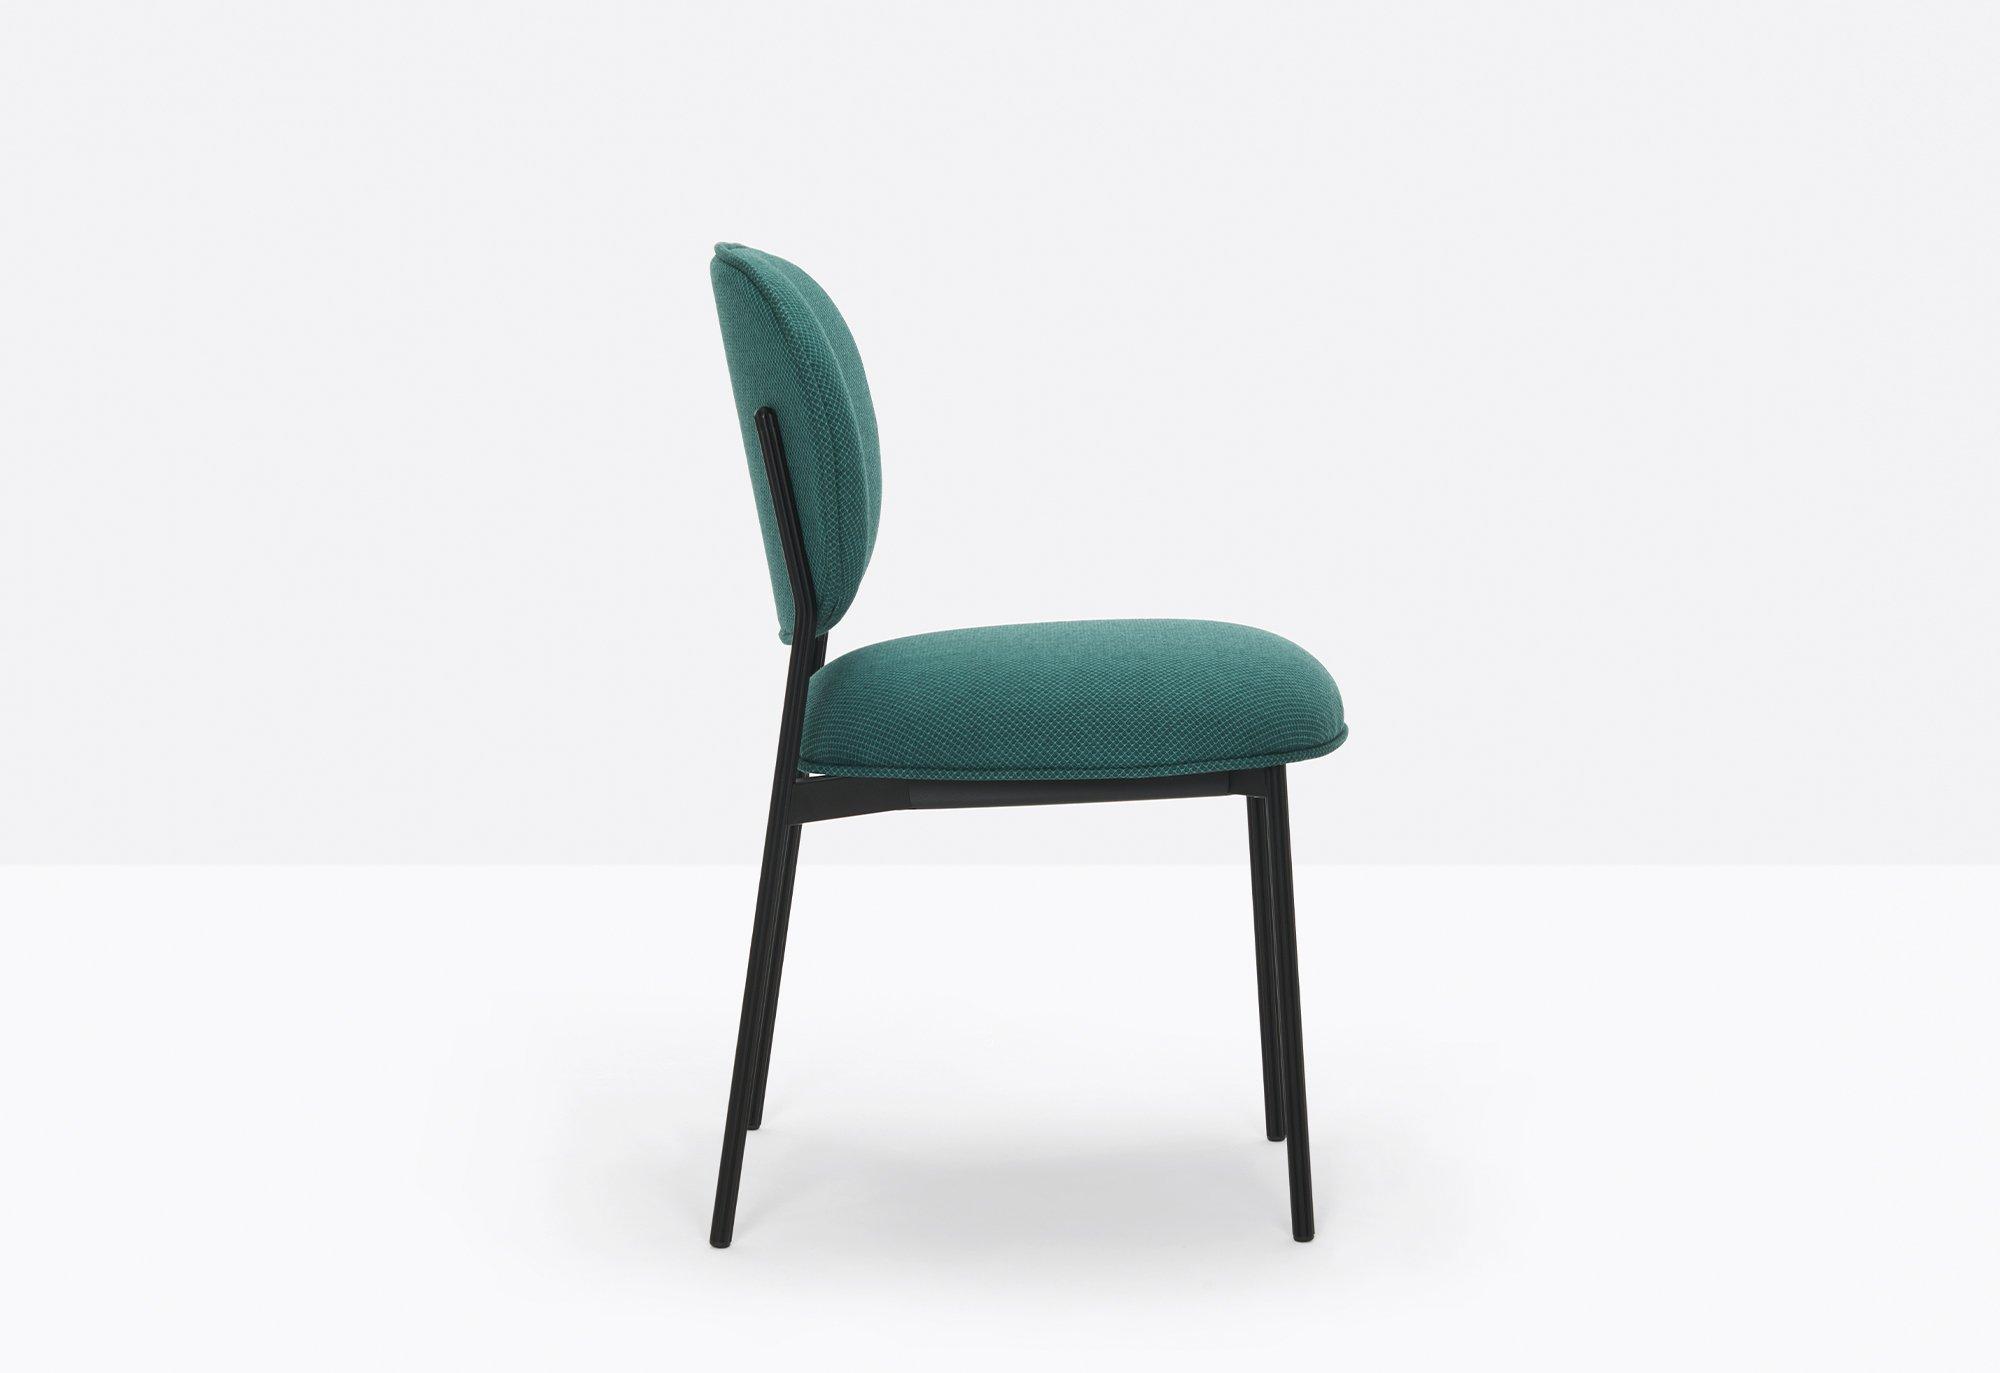 Blume Chair from Pedrali, designed by Sebastian Herkner